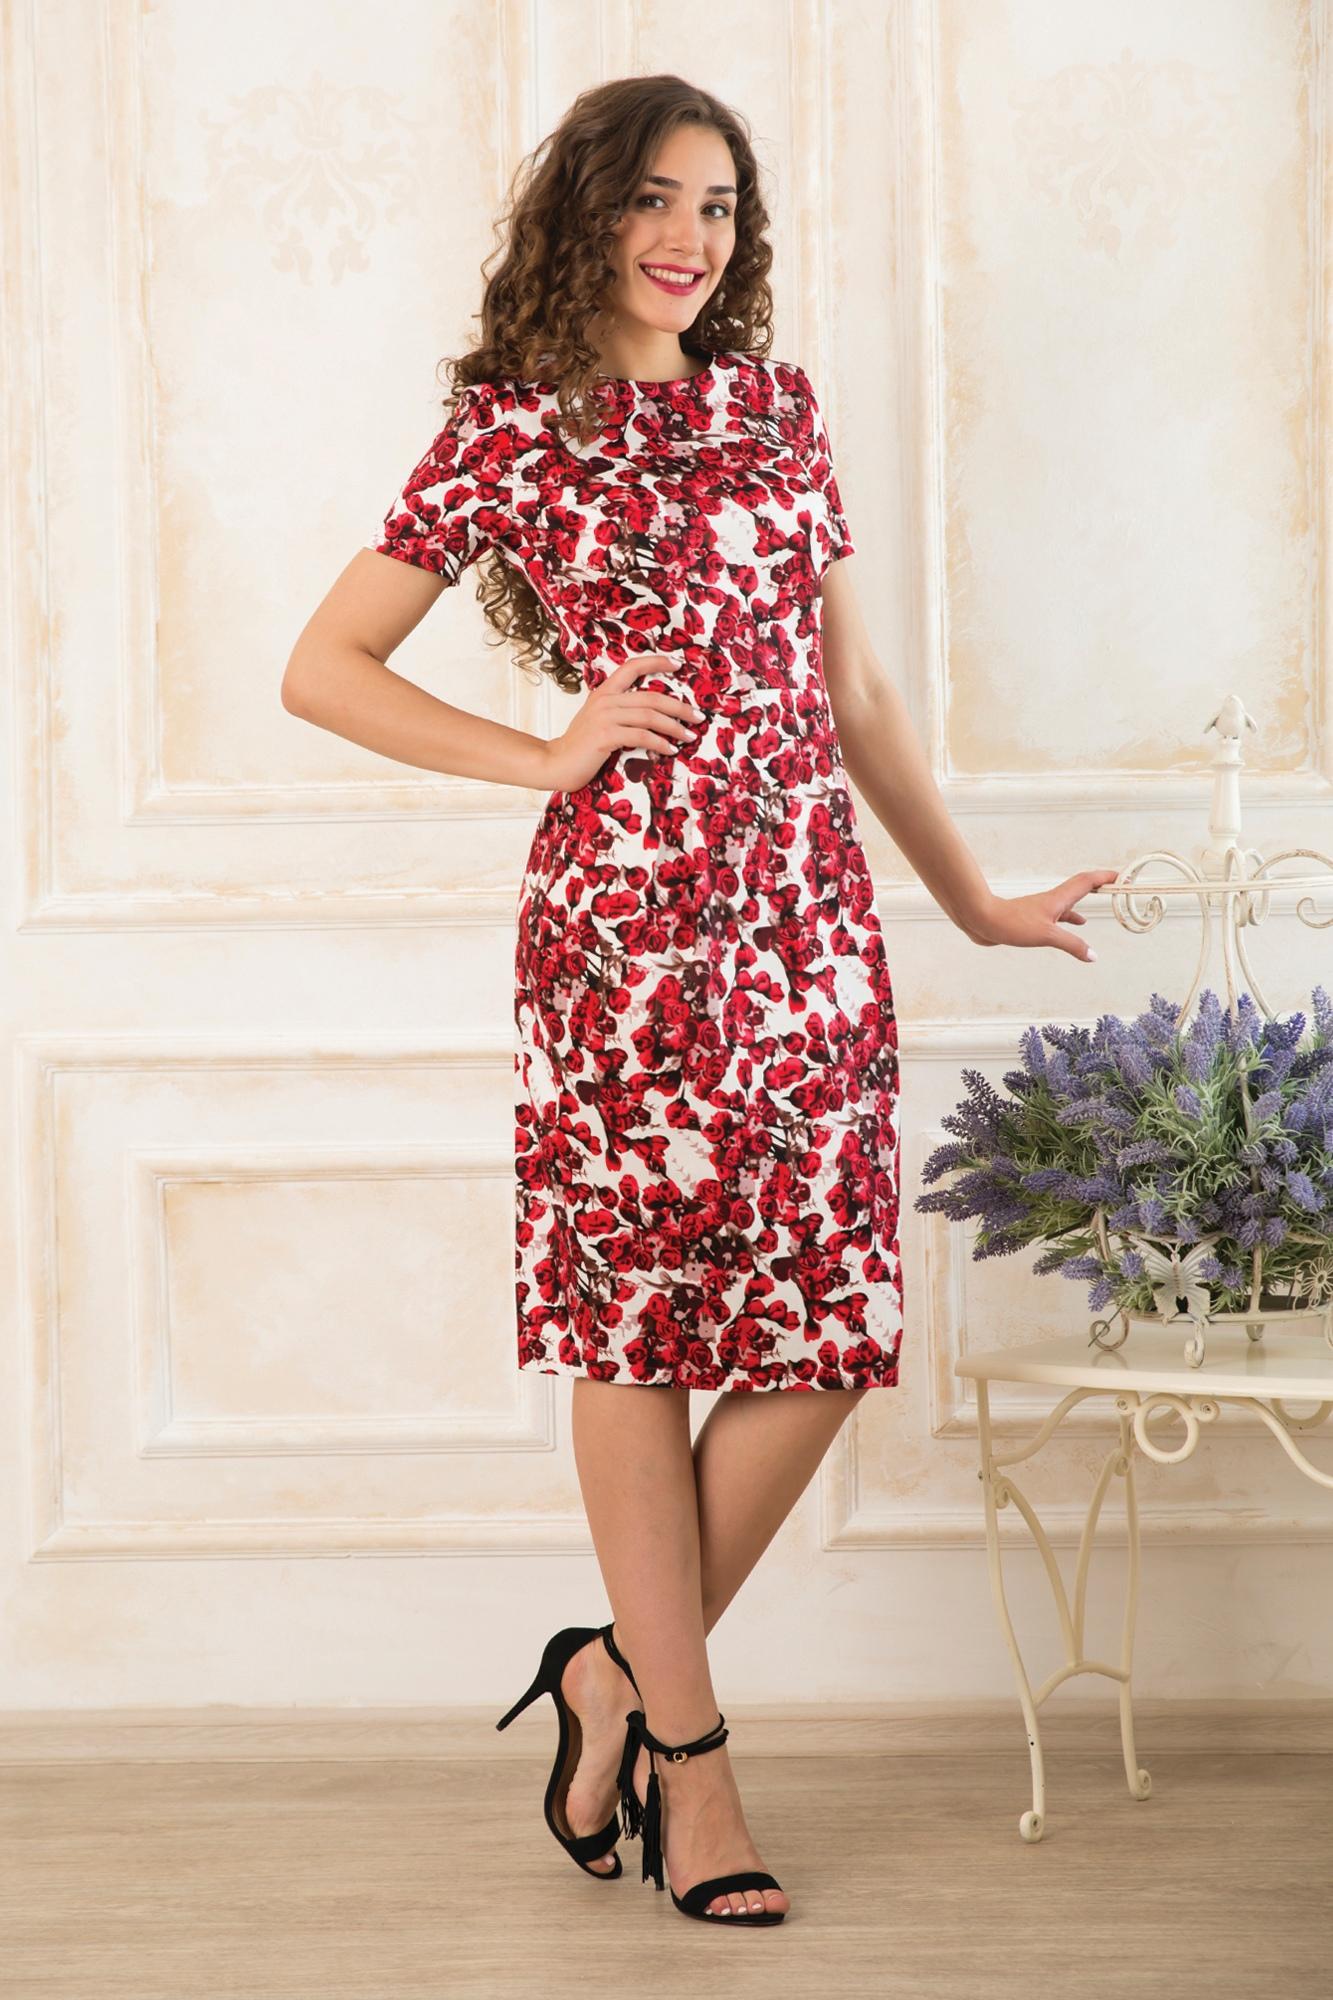 ПлатьеПлатья<br>Цветное платье с короткими рукавами. Модель выполнена из приятного материала. Отличный выбор для любого случая.  Длина по  спинке 44- 109 см 46- 110см 48- 111 см 50- 112 см 52- 113 см 54- 114 см Длина рукава 44-20 см 46-20 см 48-21 см 50-22 см 52-23 см 54-24 см  В изделии использованы цвета: белый, красный, черный и др.  Ростовка изделия 170 см.<br><br>Горловина: С- горловина<br>По длине: Ниже колена<br>По материалу: Хлопок<br>По рисунку: Растительные мотивы,С принтом,Цветные,Цветочные<br>По сезону: Весна,Лето<br>По силуэту: Приталенные<br>По стилю: Повседневный стиль<br>По форме: Платье - футляр<br>По элементам: С разрезом<br>Разрез: Короткий<br>Рукав: Короткий рукав<br>Размер : 44,46<br>Материал: Плательная ткань<br>Количество в наличии: 2